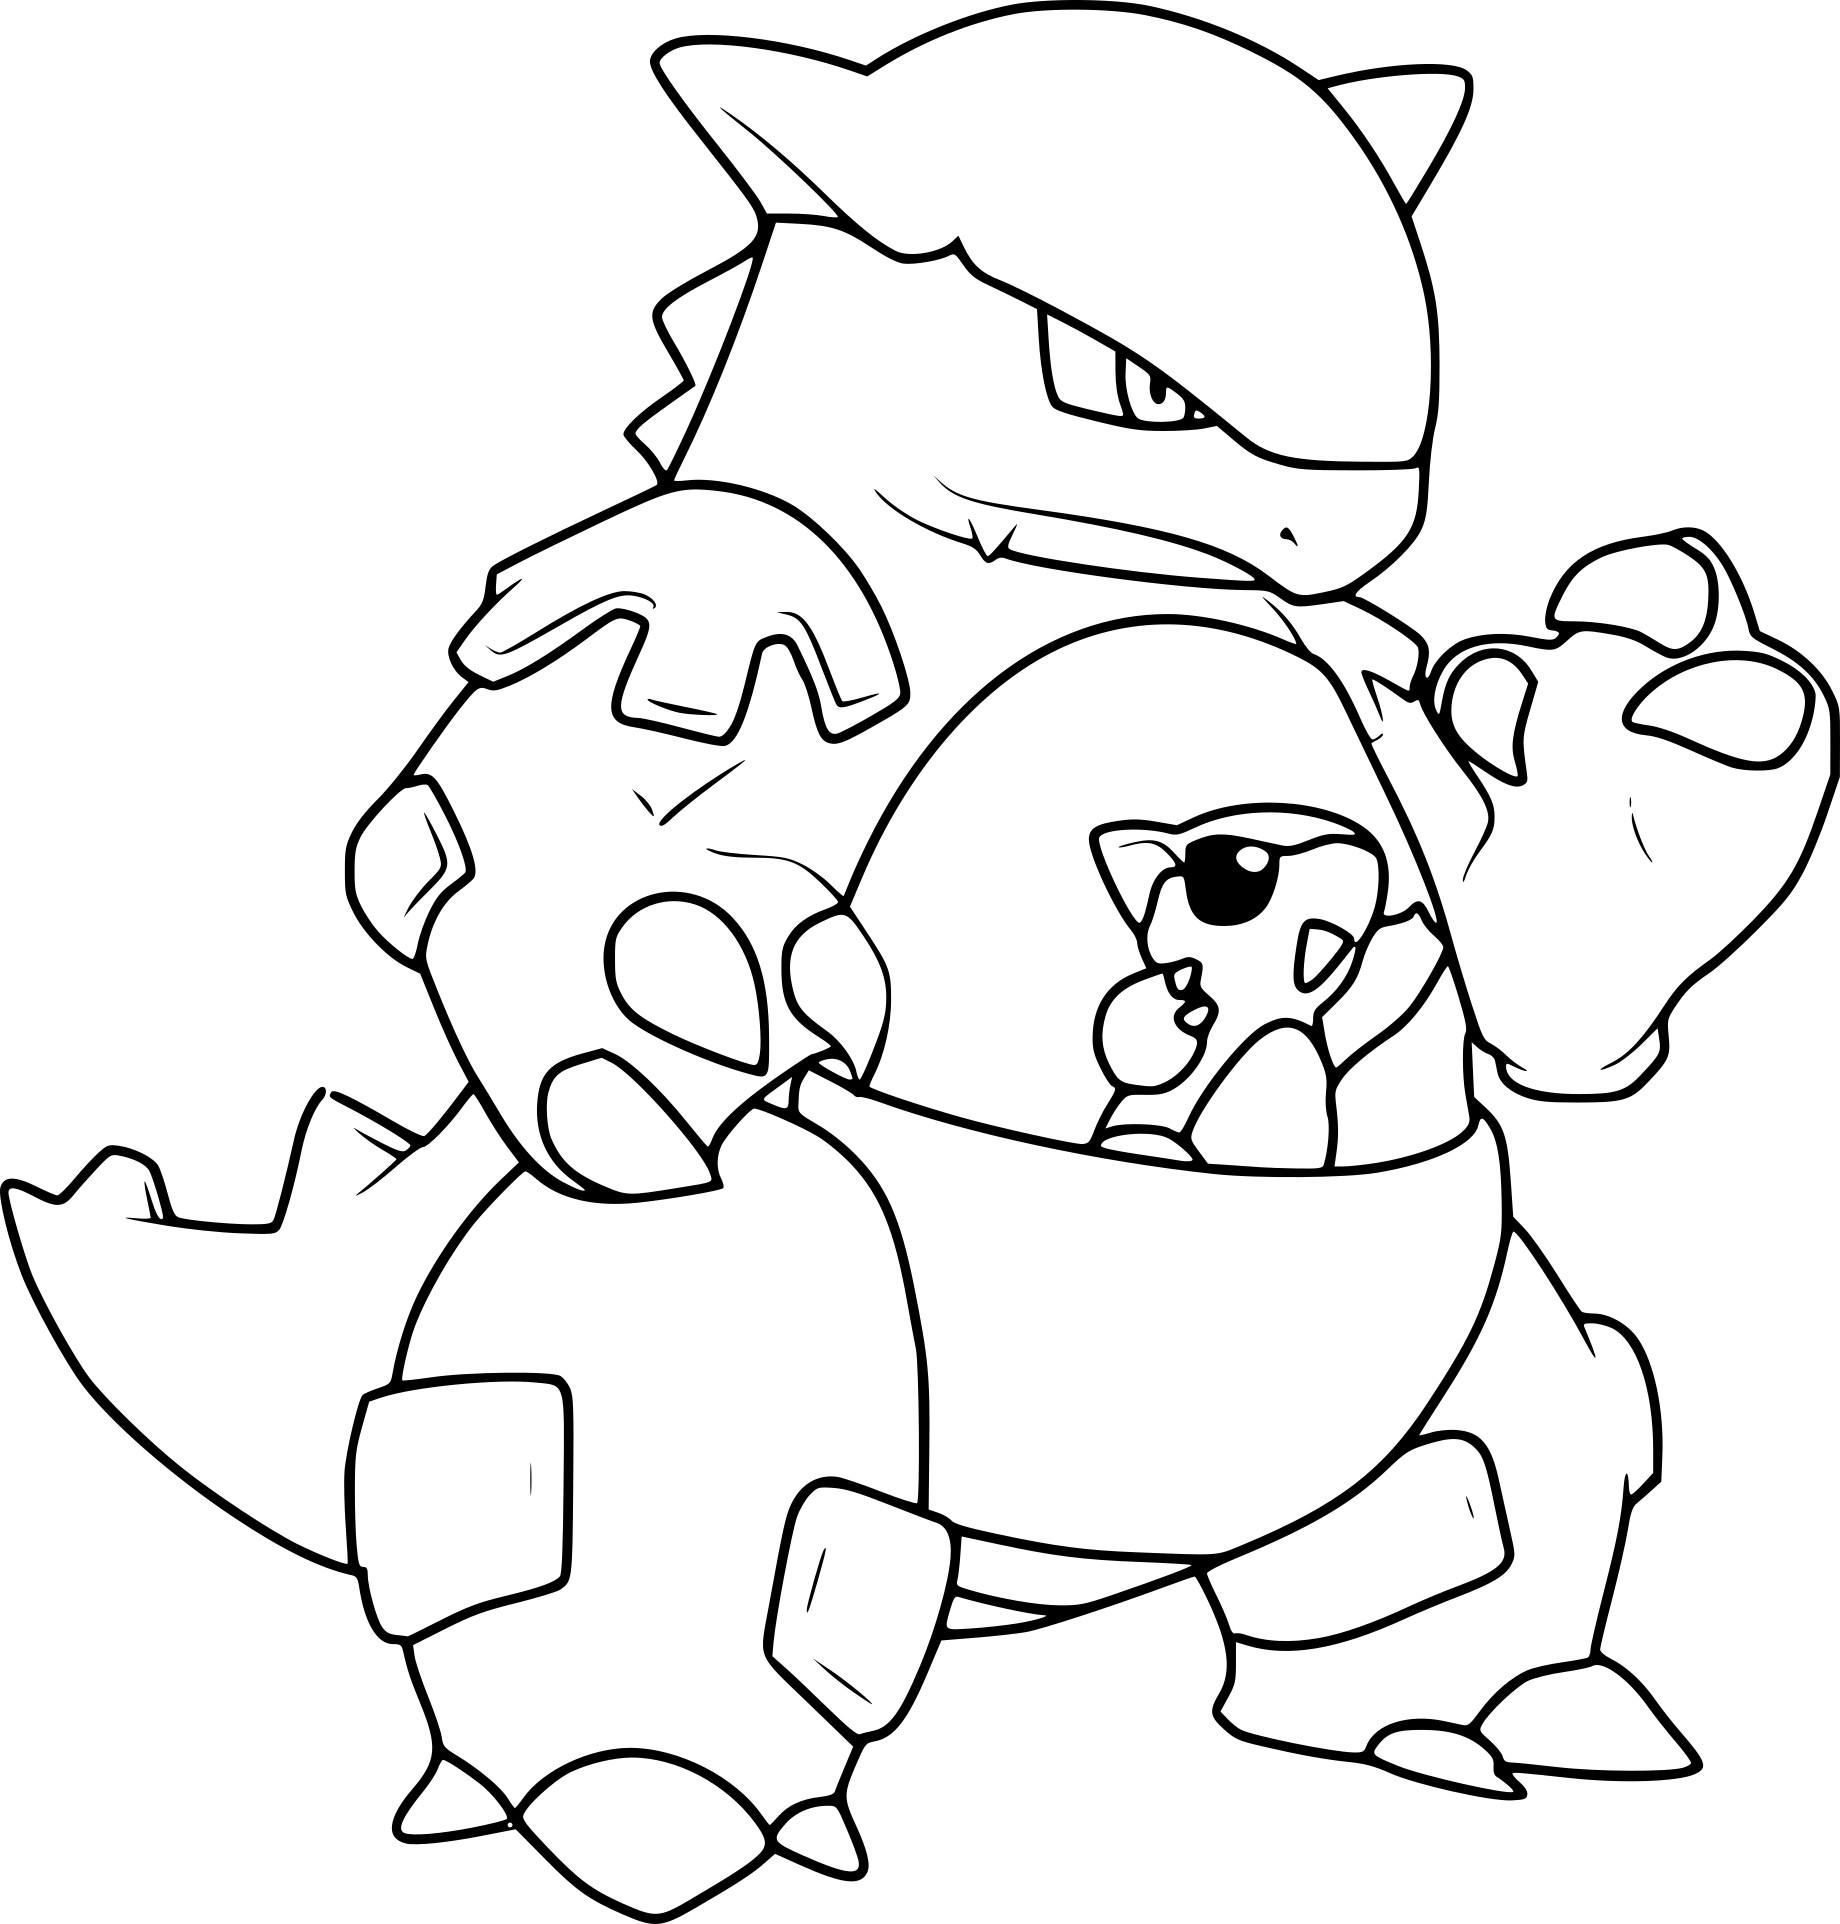 Coloriage Du Pokemon Kangourex À Imprimer Sur Coloriage De tout Coloriage Pokemon Salameche Imprimer